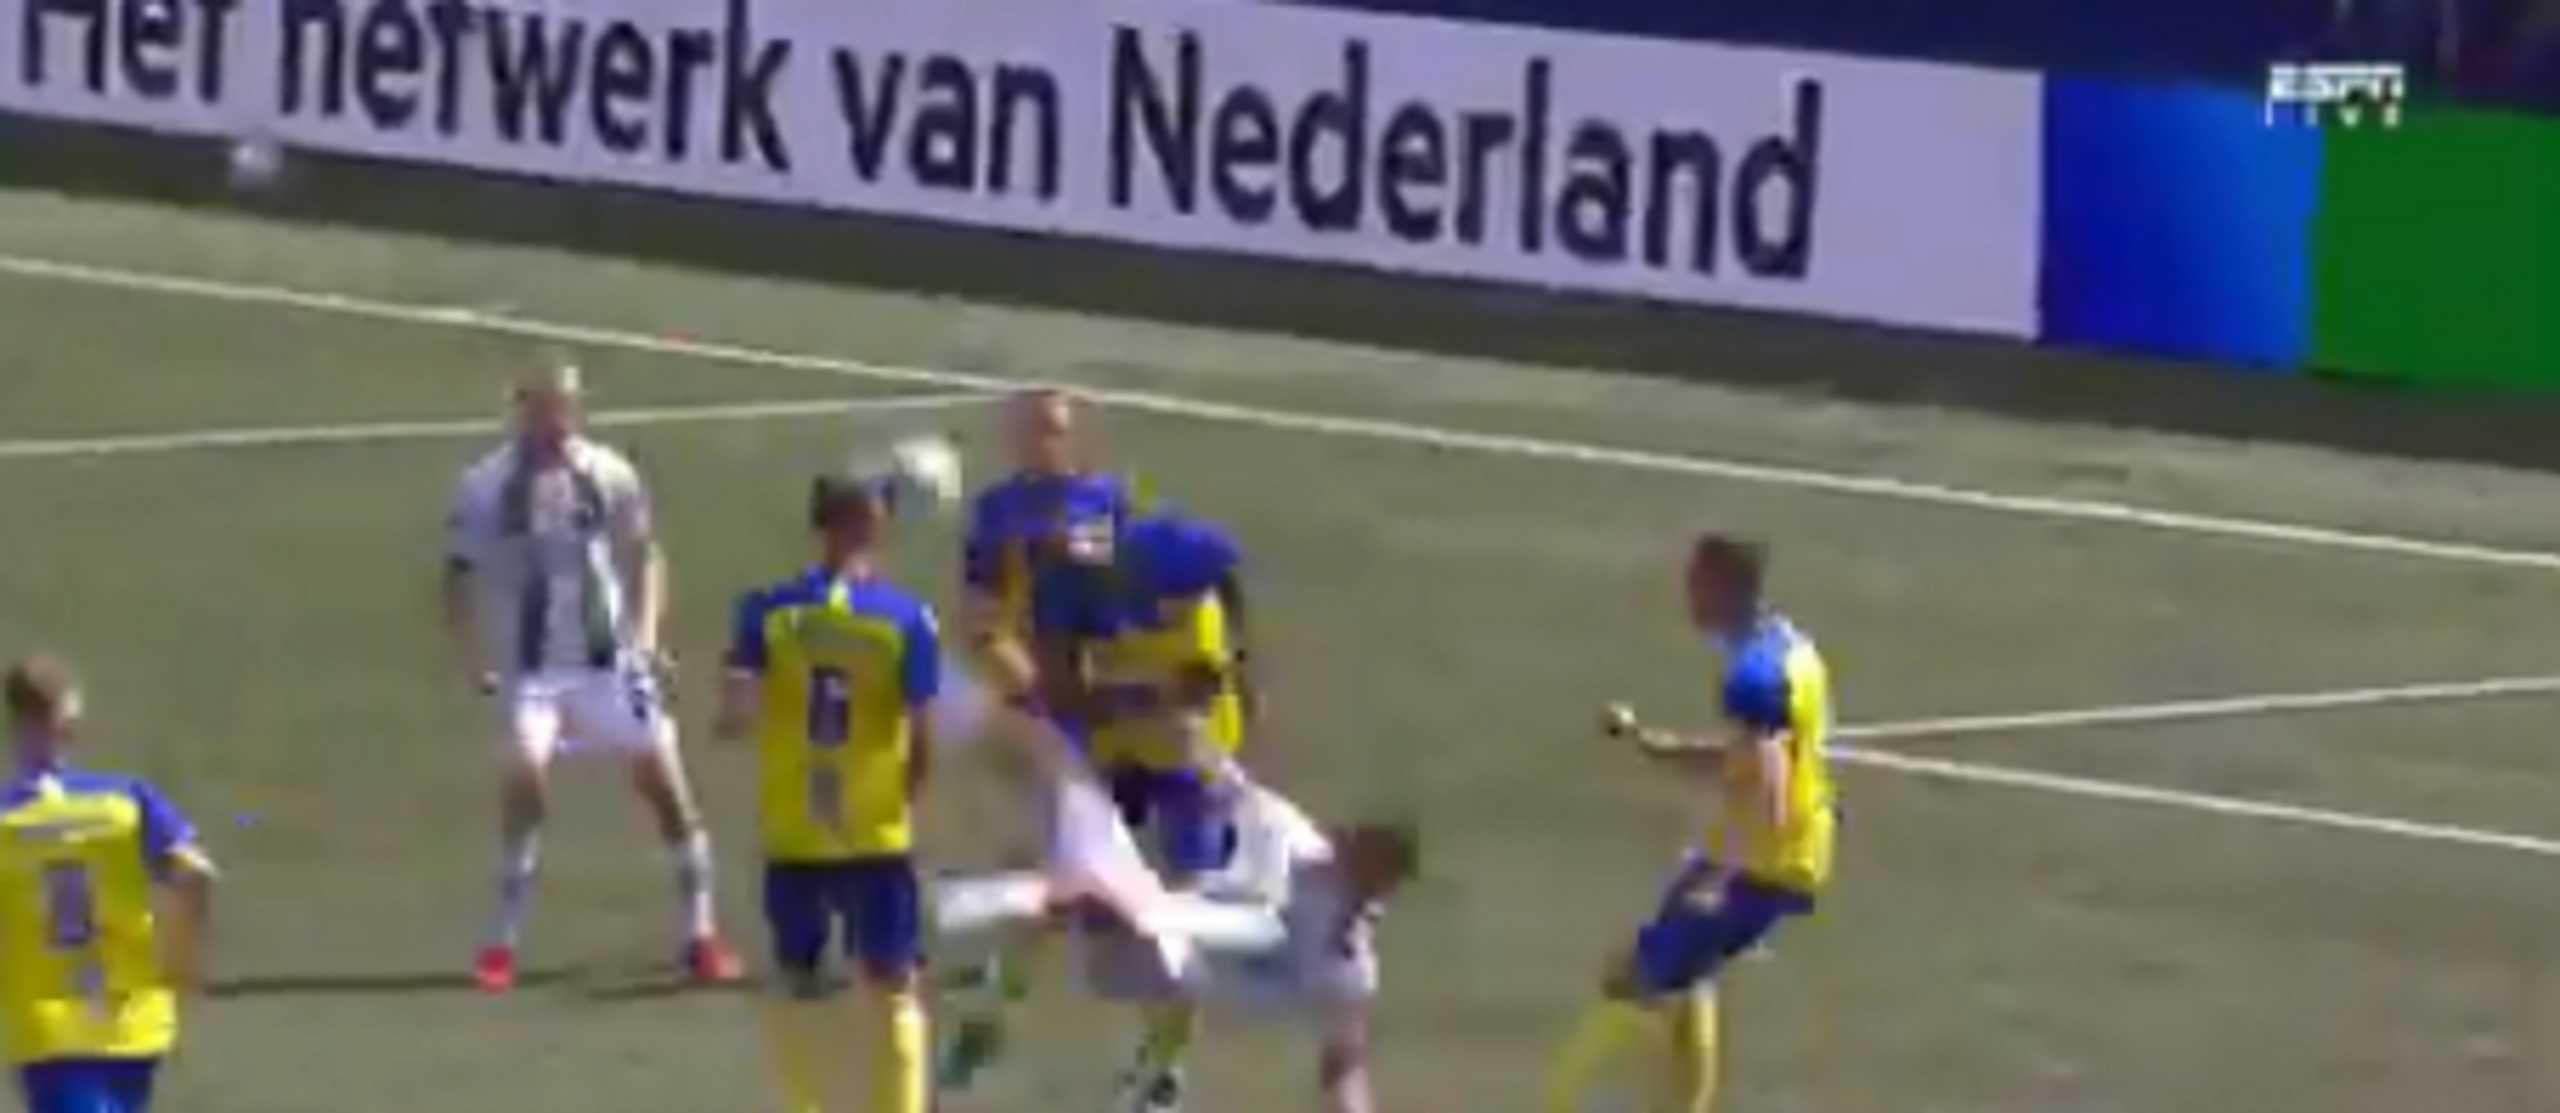 Τρομερό γκολ με «ψαλιδάκι» στην Ολλανδία